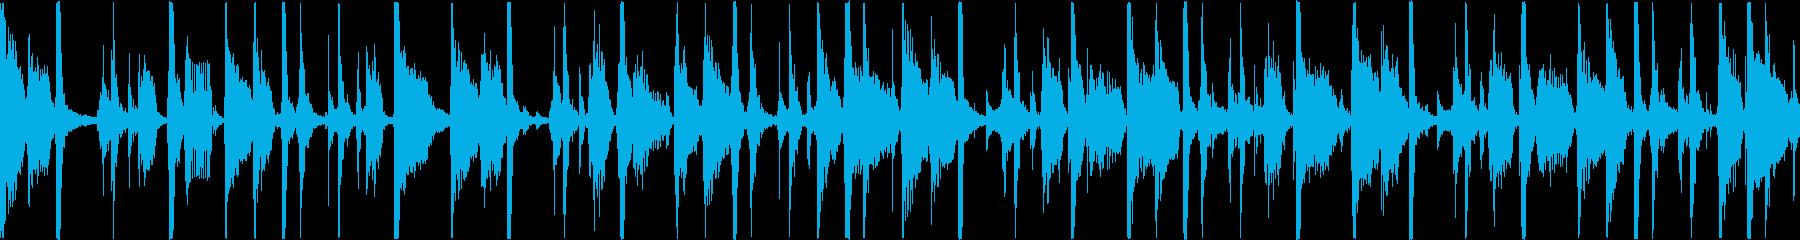 心地よい重低音が特徴的なトラックの再生済みの波形